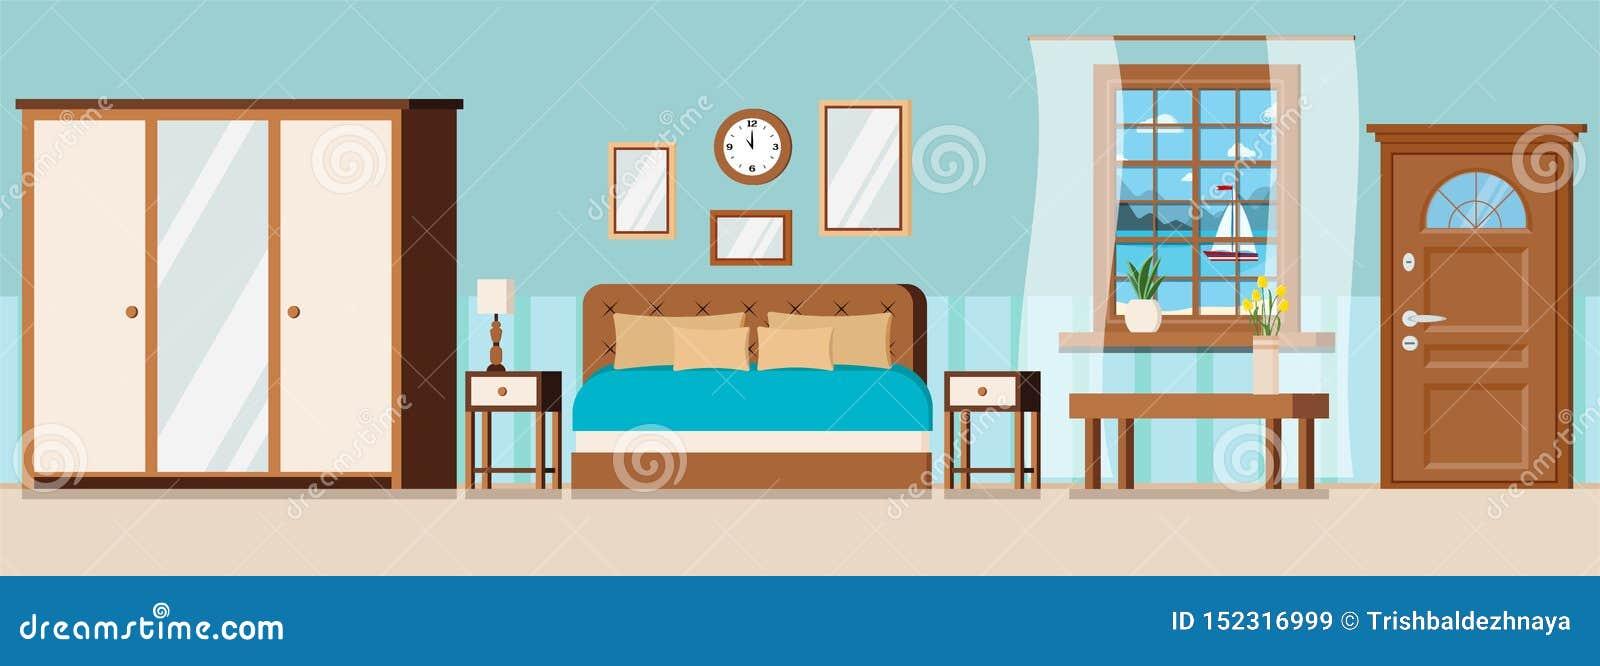 Pokój hotelowy z meble, drzwi, nadokienny widok morze krajobraz z żaglówką